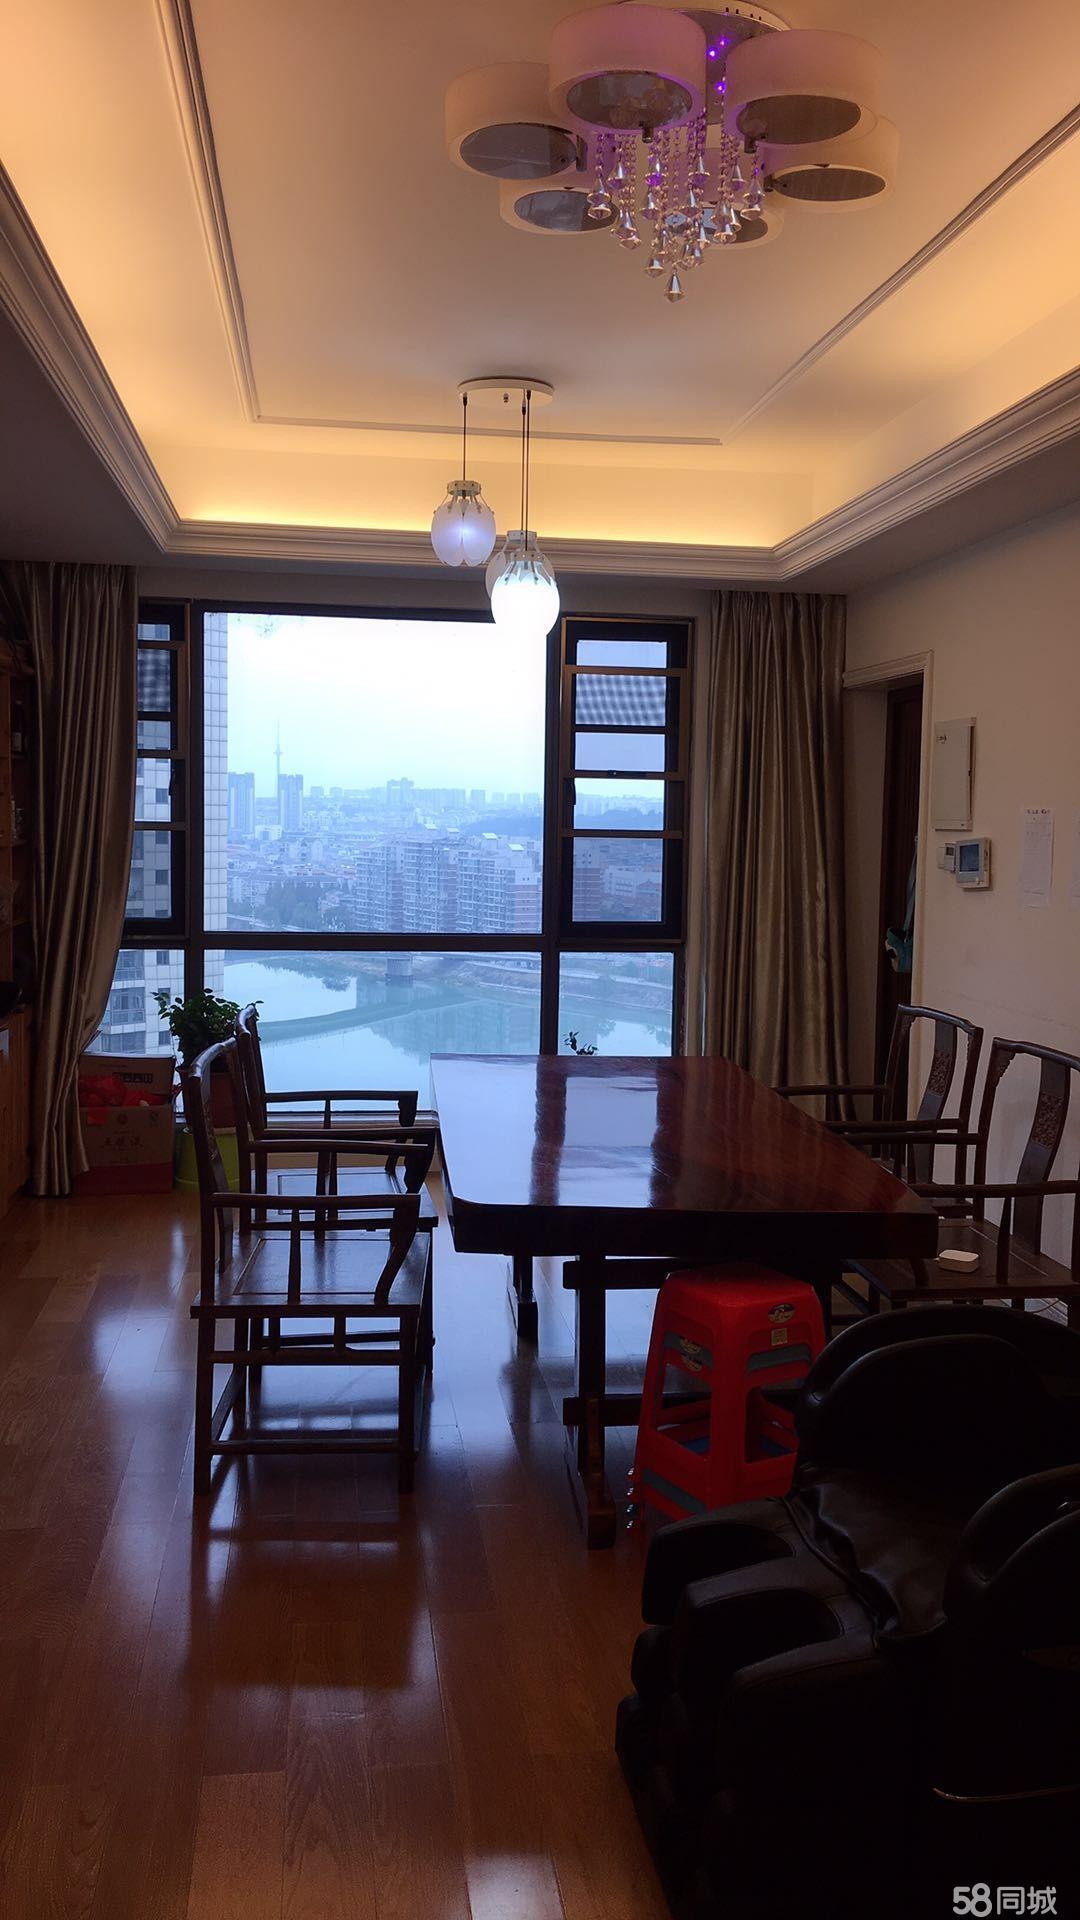 房主本人发布―桃花岛低价2室(26号以后不接受看房)